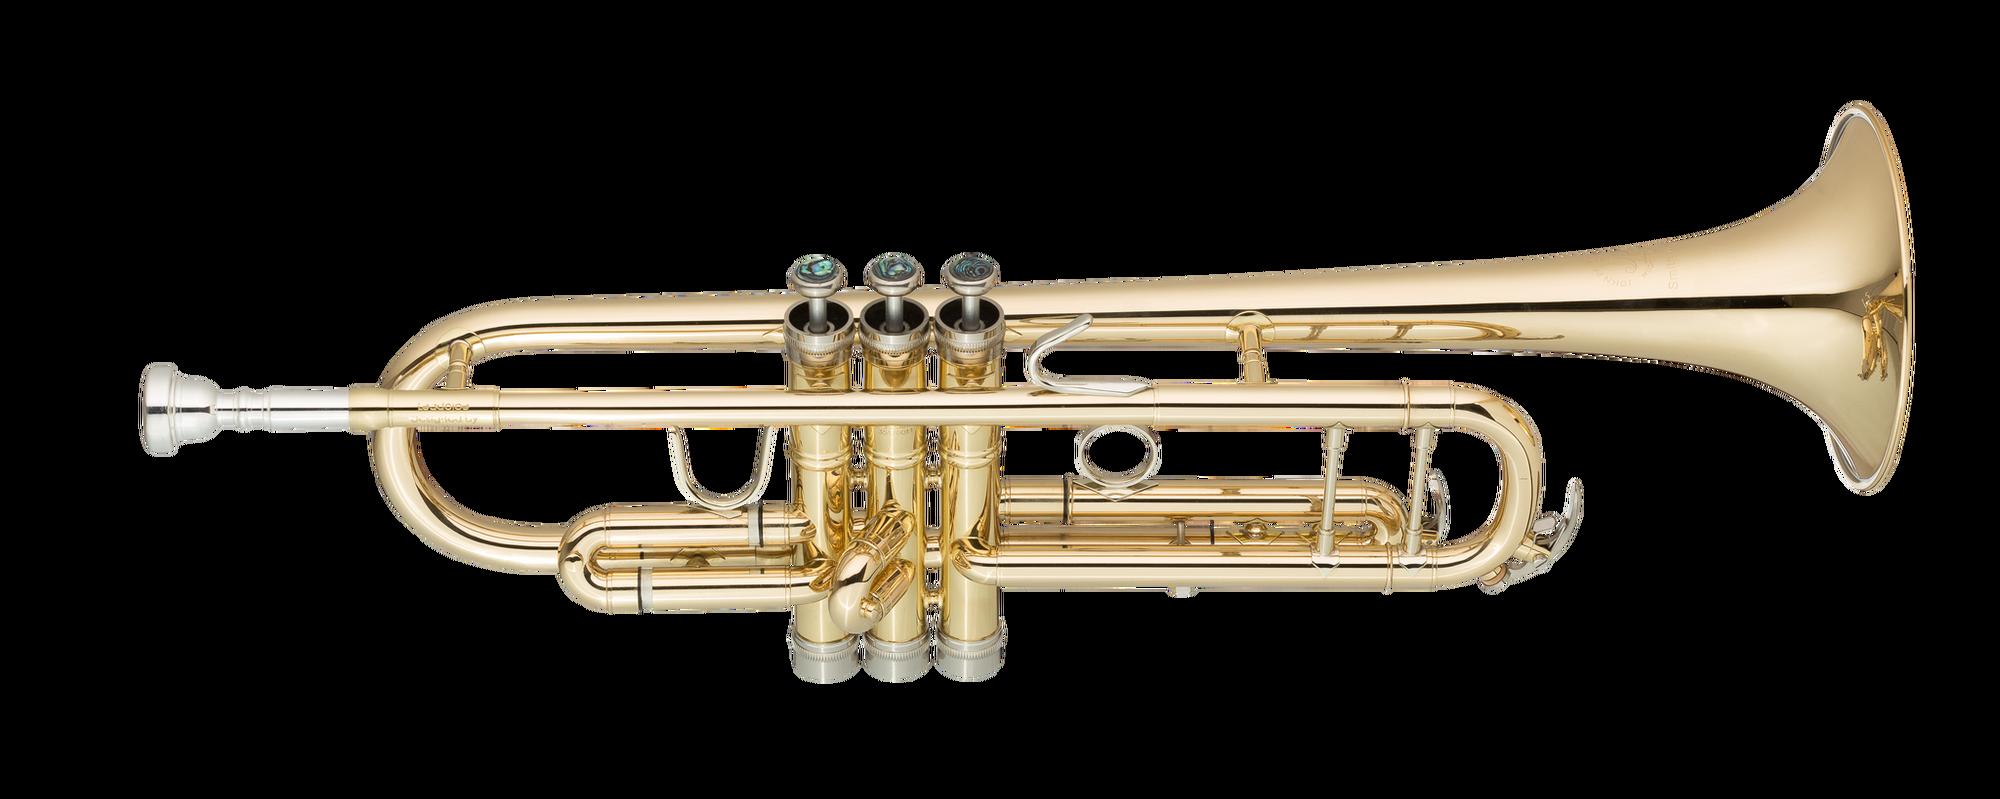 John Packer Trumpets Jp351swhw Bb Trumpet